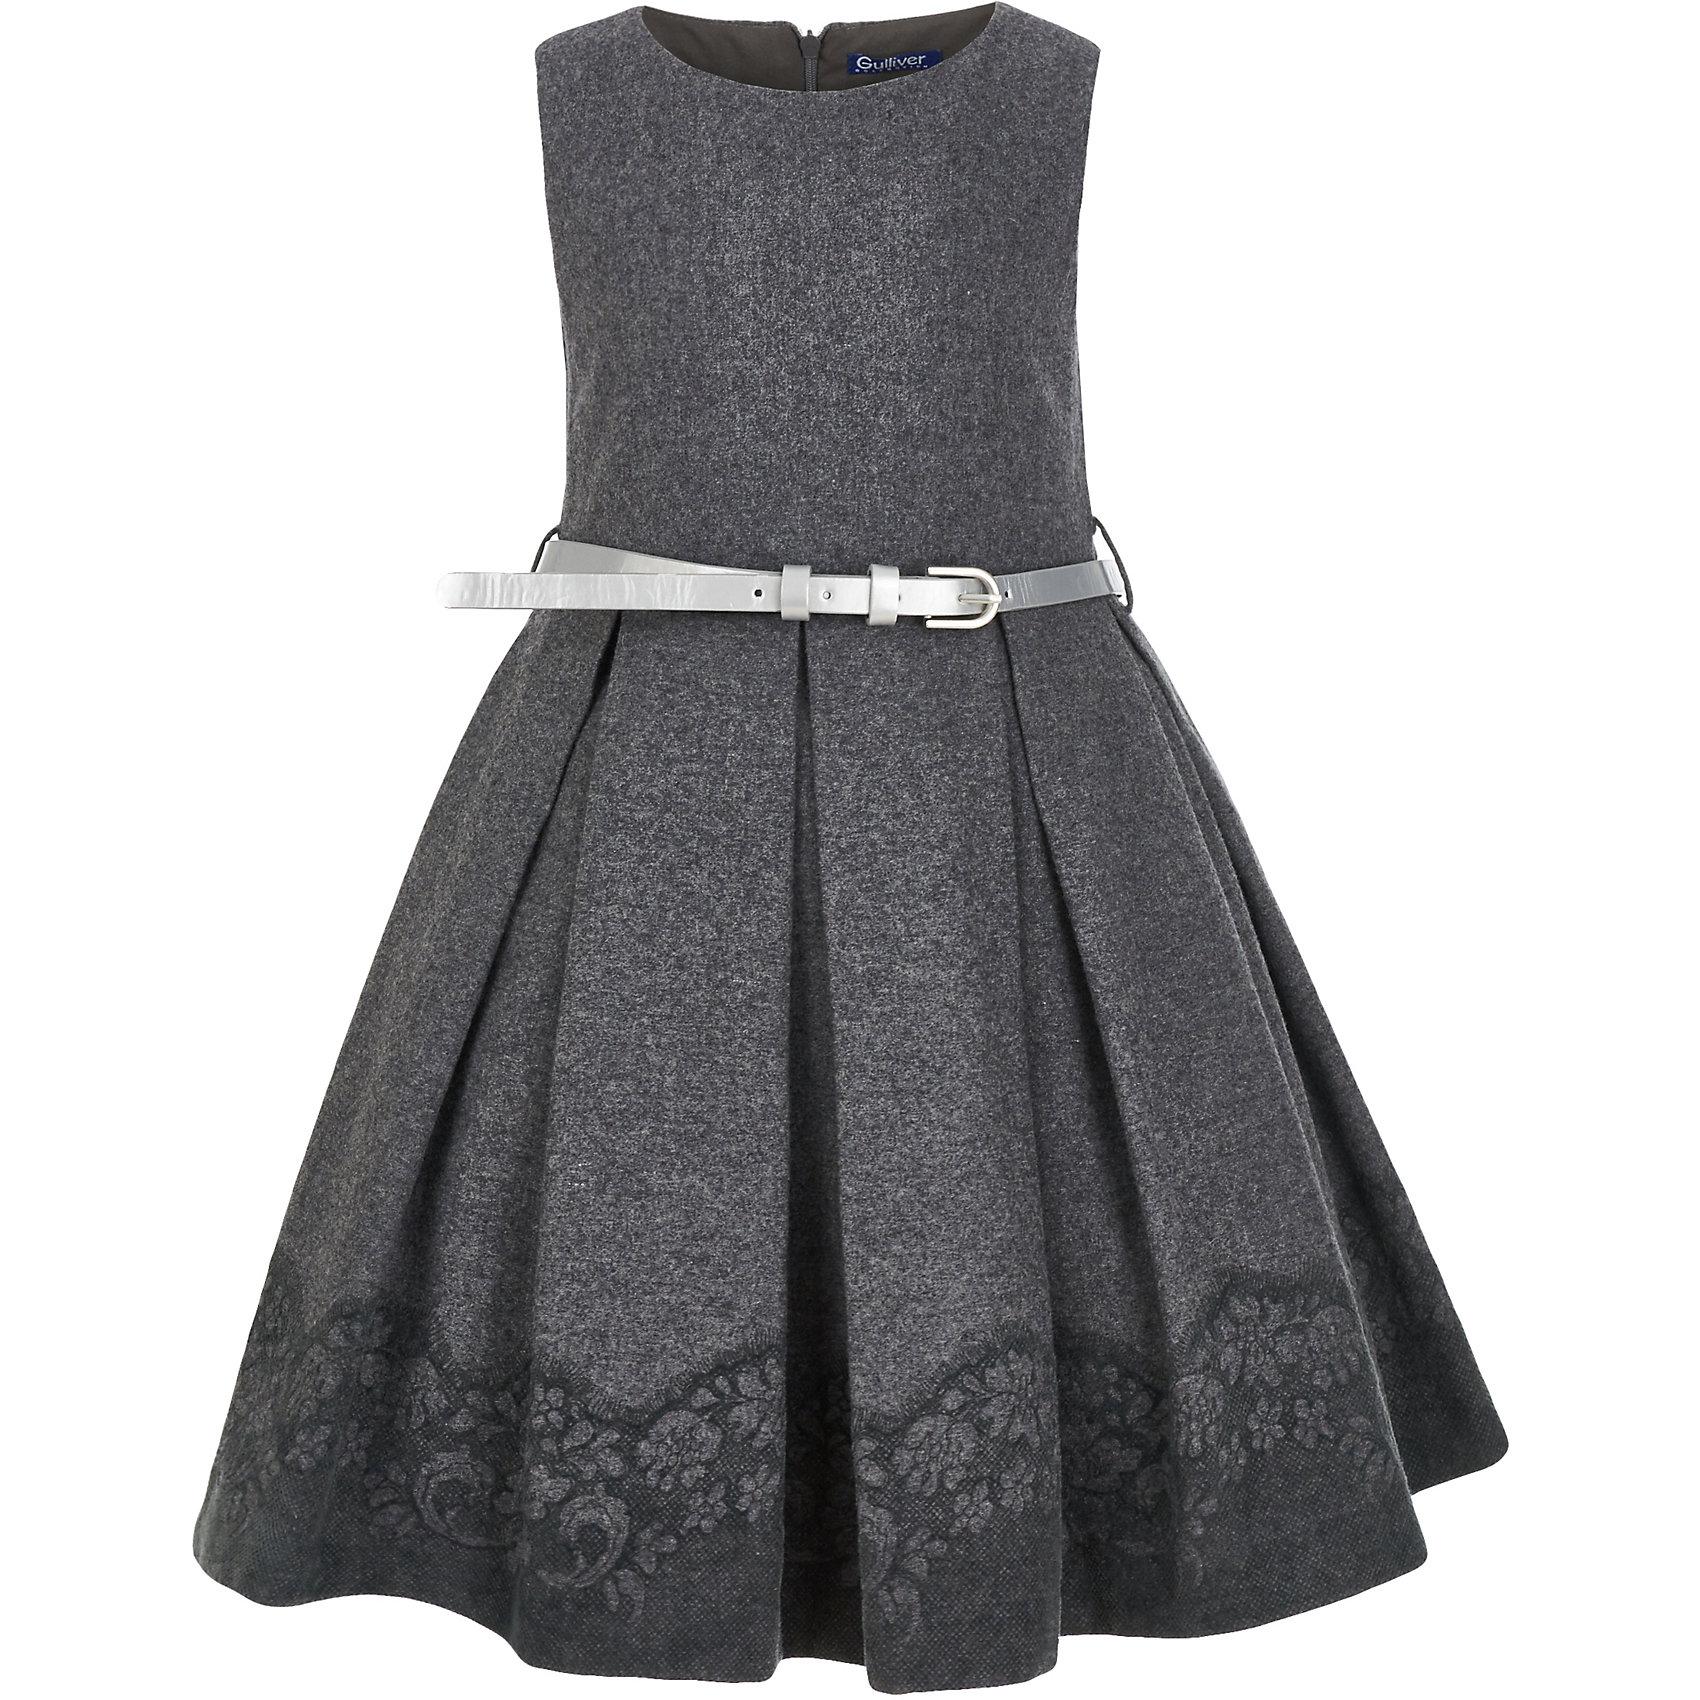 Платье Gulliver для девочкиОсенне-зимние платья и сарафаны<br>Платье Gulliver для девочки<br>Ох уж, эти модницы… Их гардероб пестрит нарядами, но разве можно пройти мимо нового платья? Платье для девочек - предмет их особой гордости, ведь это символ женственности и кокетства! Если вы хотите порадовать ребенка, дополнив его гардероб моделью с изюминкой, вам нужно купить модное платье от Gulliver! Красивое текстильное платье без рукава с эффектным кружевным принтом по краю изделия, выглядит очень элегантно и изысканно. Тонкий серебристый поясок - деликатный акцент, подчеркивающий красоту и грациозность его обладательницы.<br>Состав:<br>верх:  50 % шерсть  15% вискоза  35% полиэстер; подкладка:  100% хлопок<br><br>Ширина мм: 236<br>Глубина мм: 16<br>Высота мм: 184<br>Вес г: 177<br>Цвет: серый<br>Возраст от месяцев: 24<br>Возраст до месяцев: 36<br>Пол: Женский<br>Возраст: Детский<br>Размер: 98,116,110,104<br>SKU: 7078513